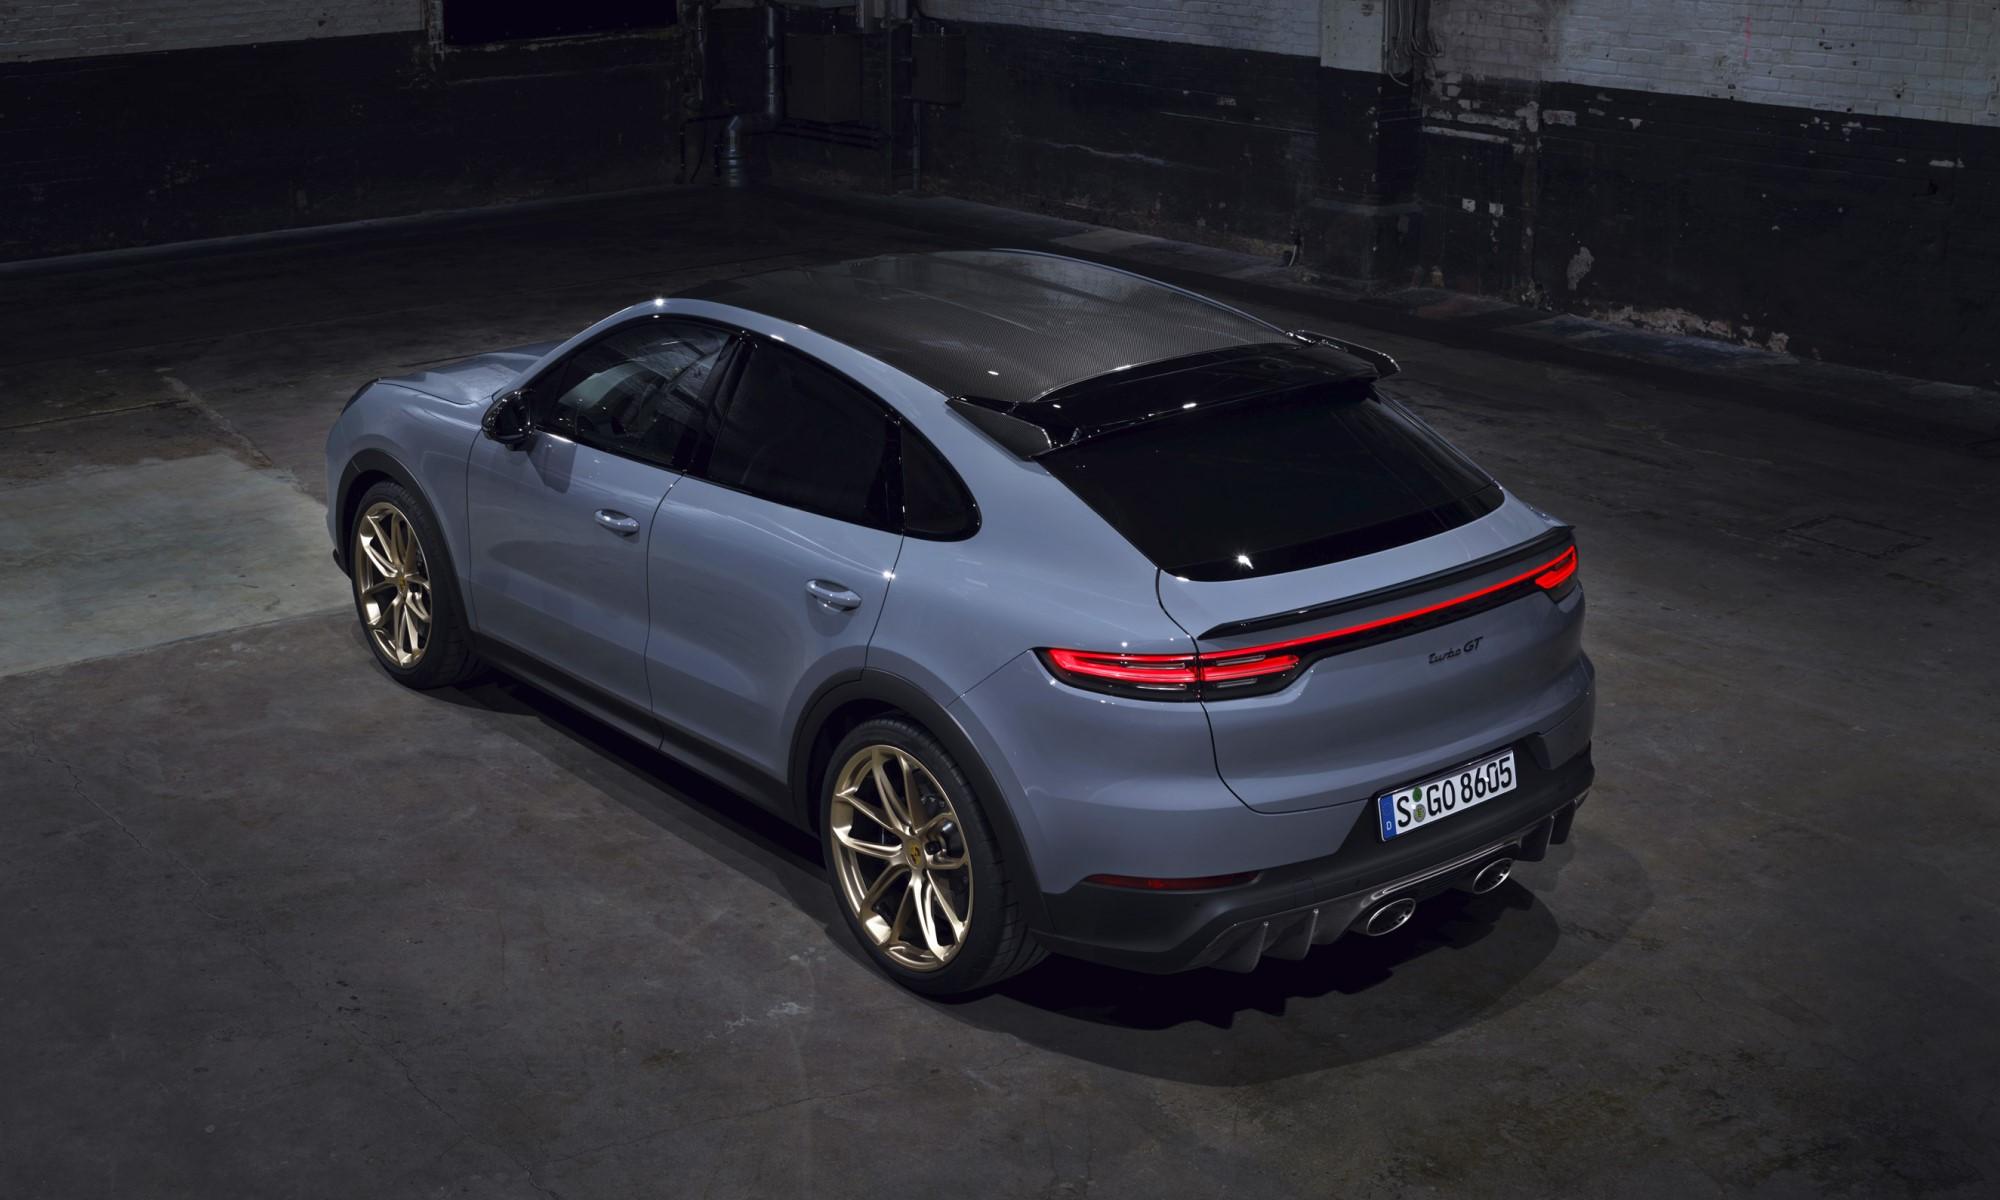 Porsche Cayenne Turbo GT rear